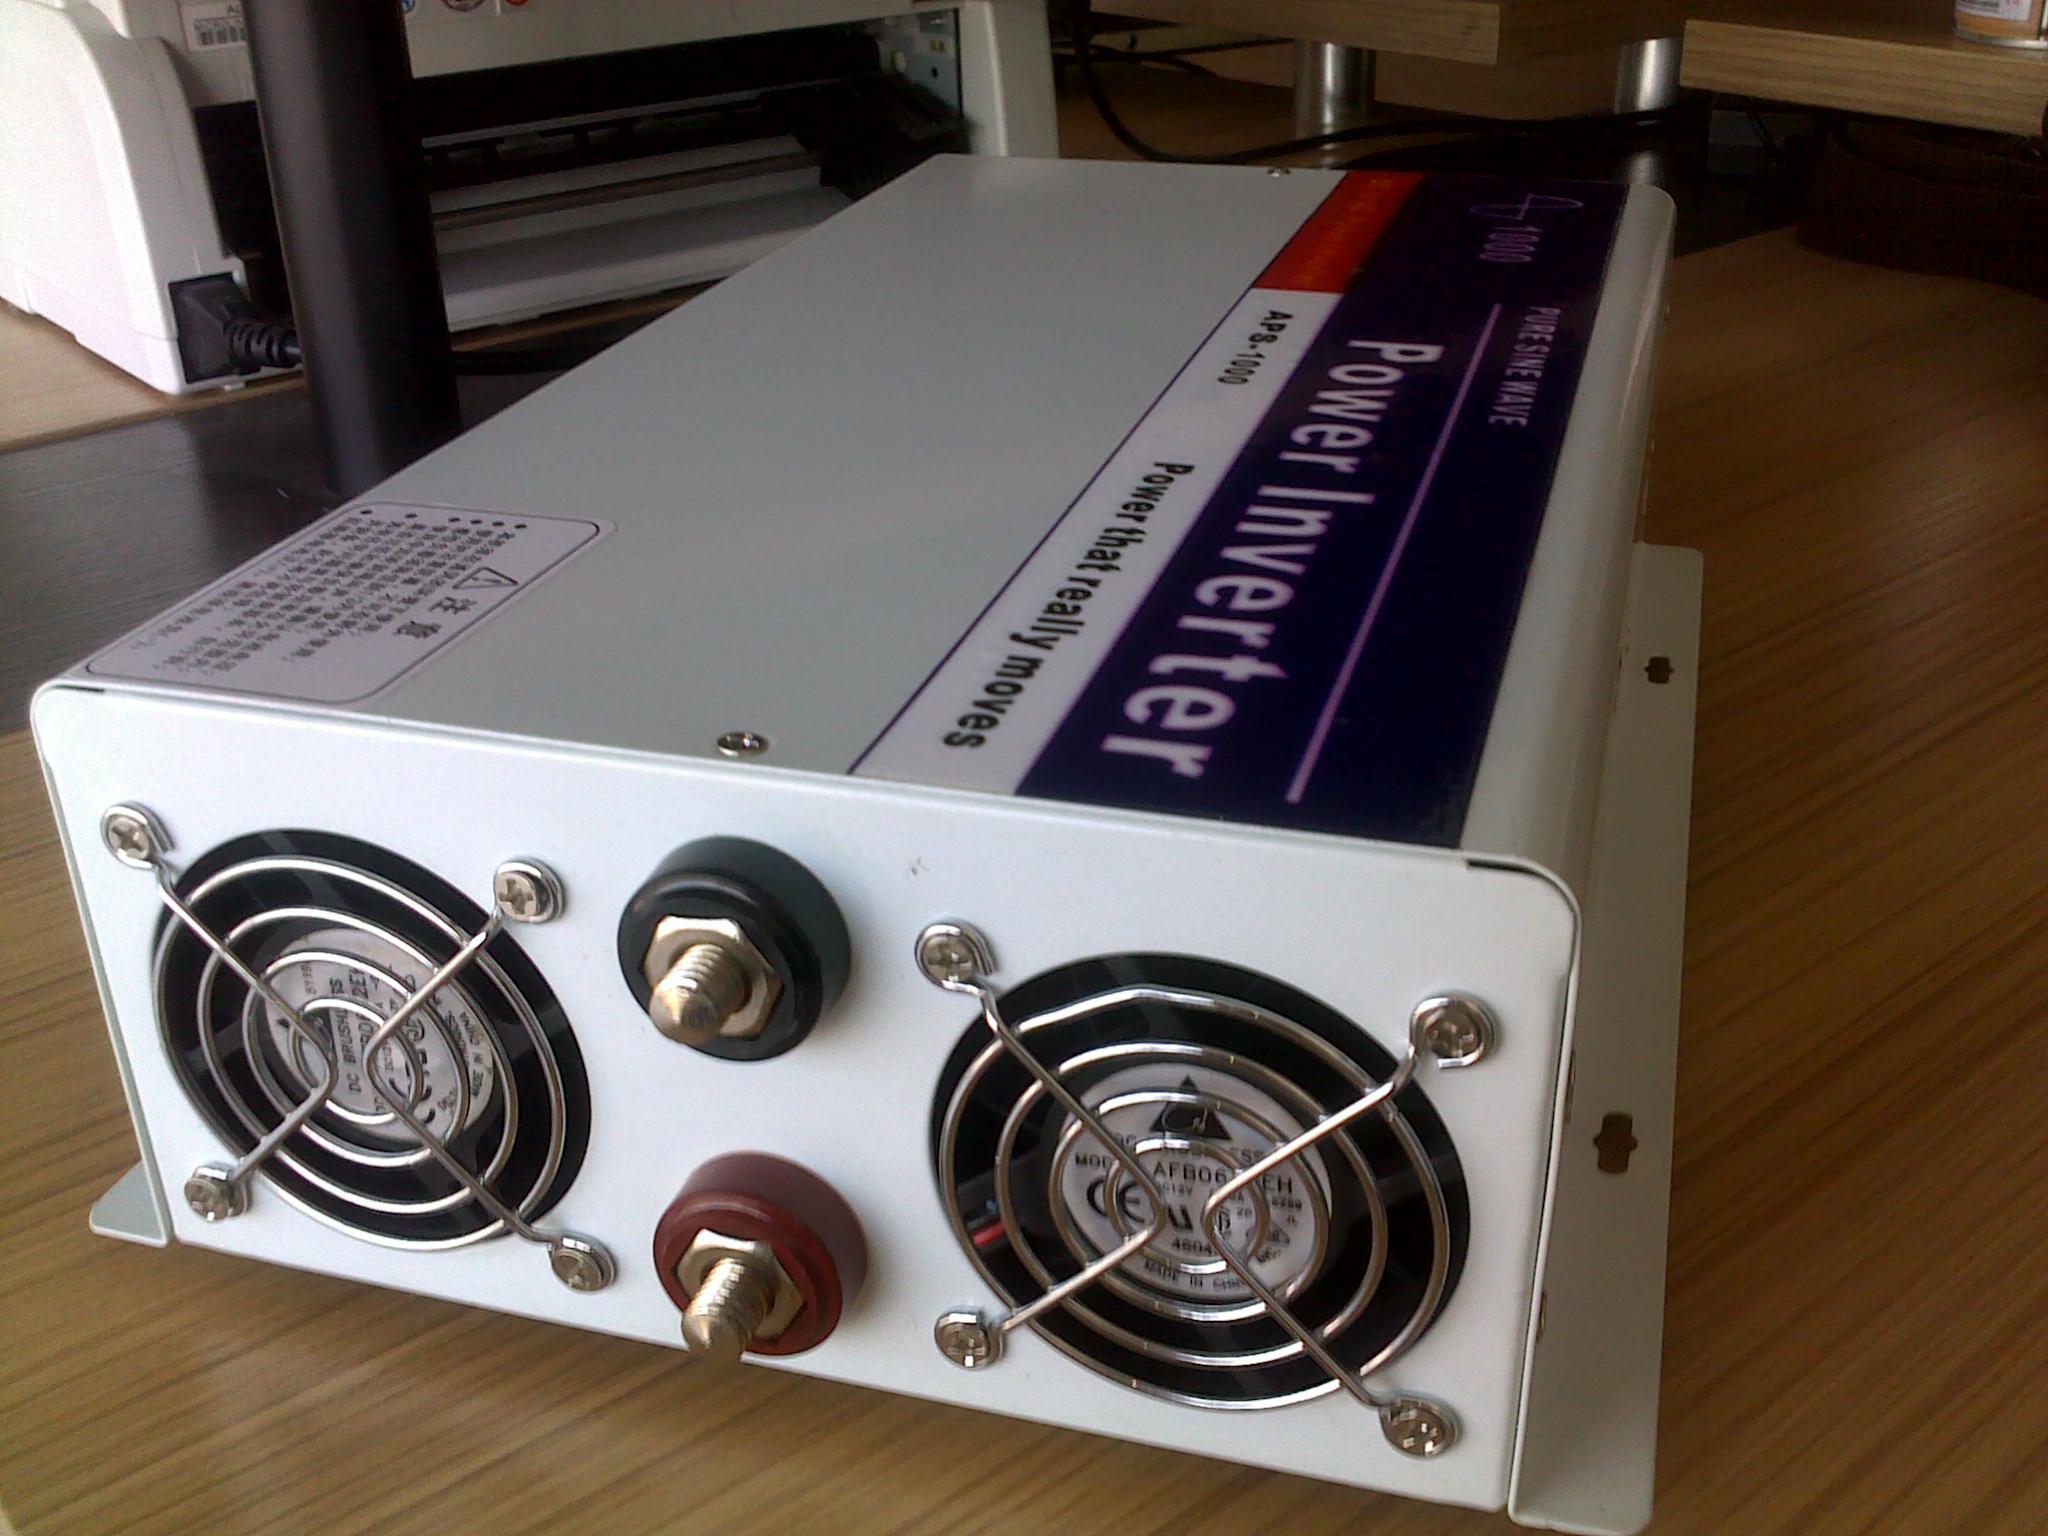 2000-5000w 应用范围: 1,使用办公设备(如:电脑,传真机,打印机